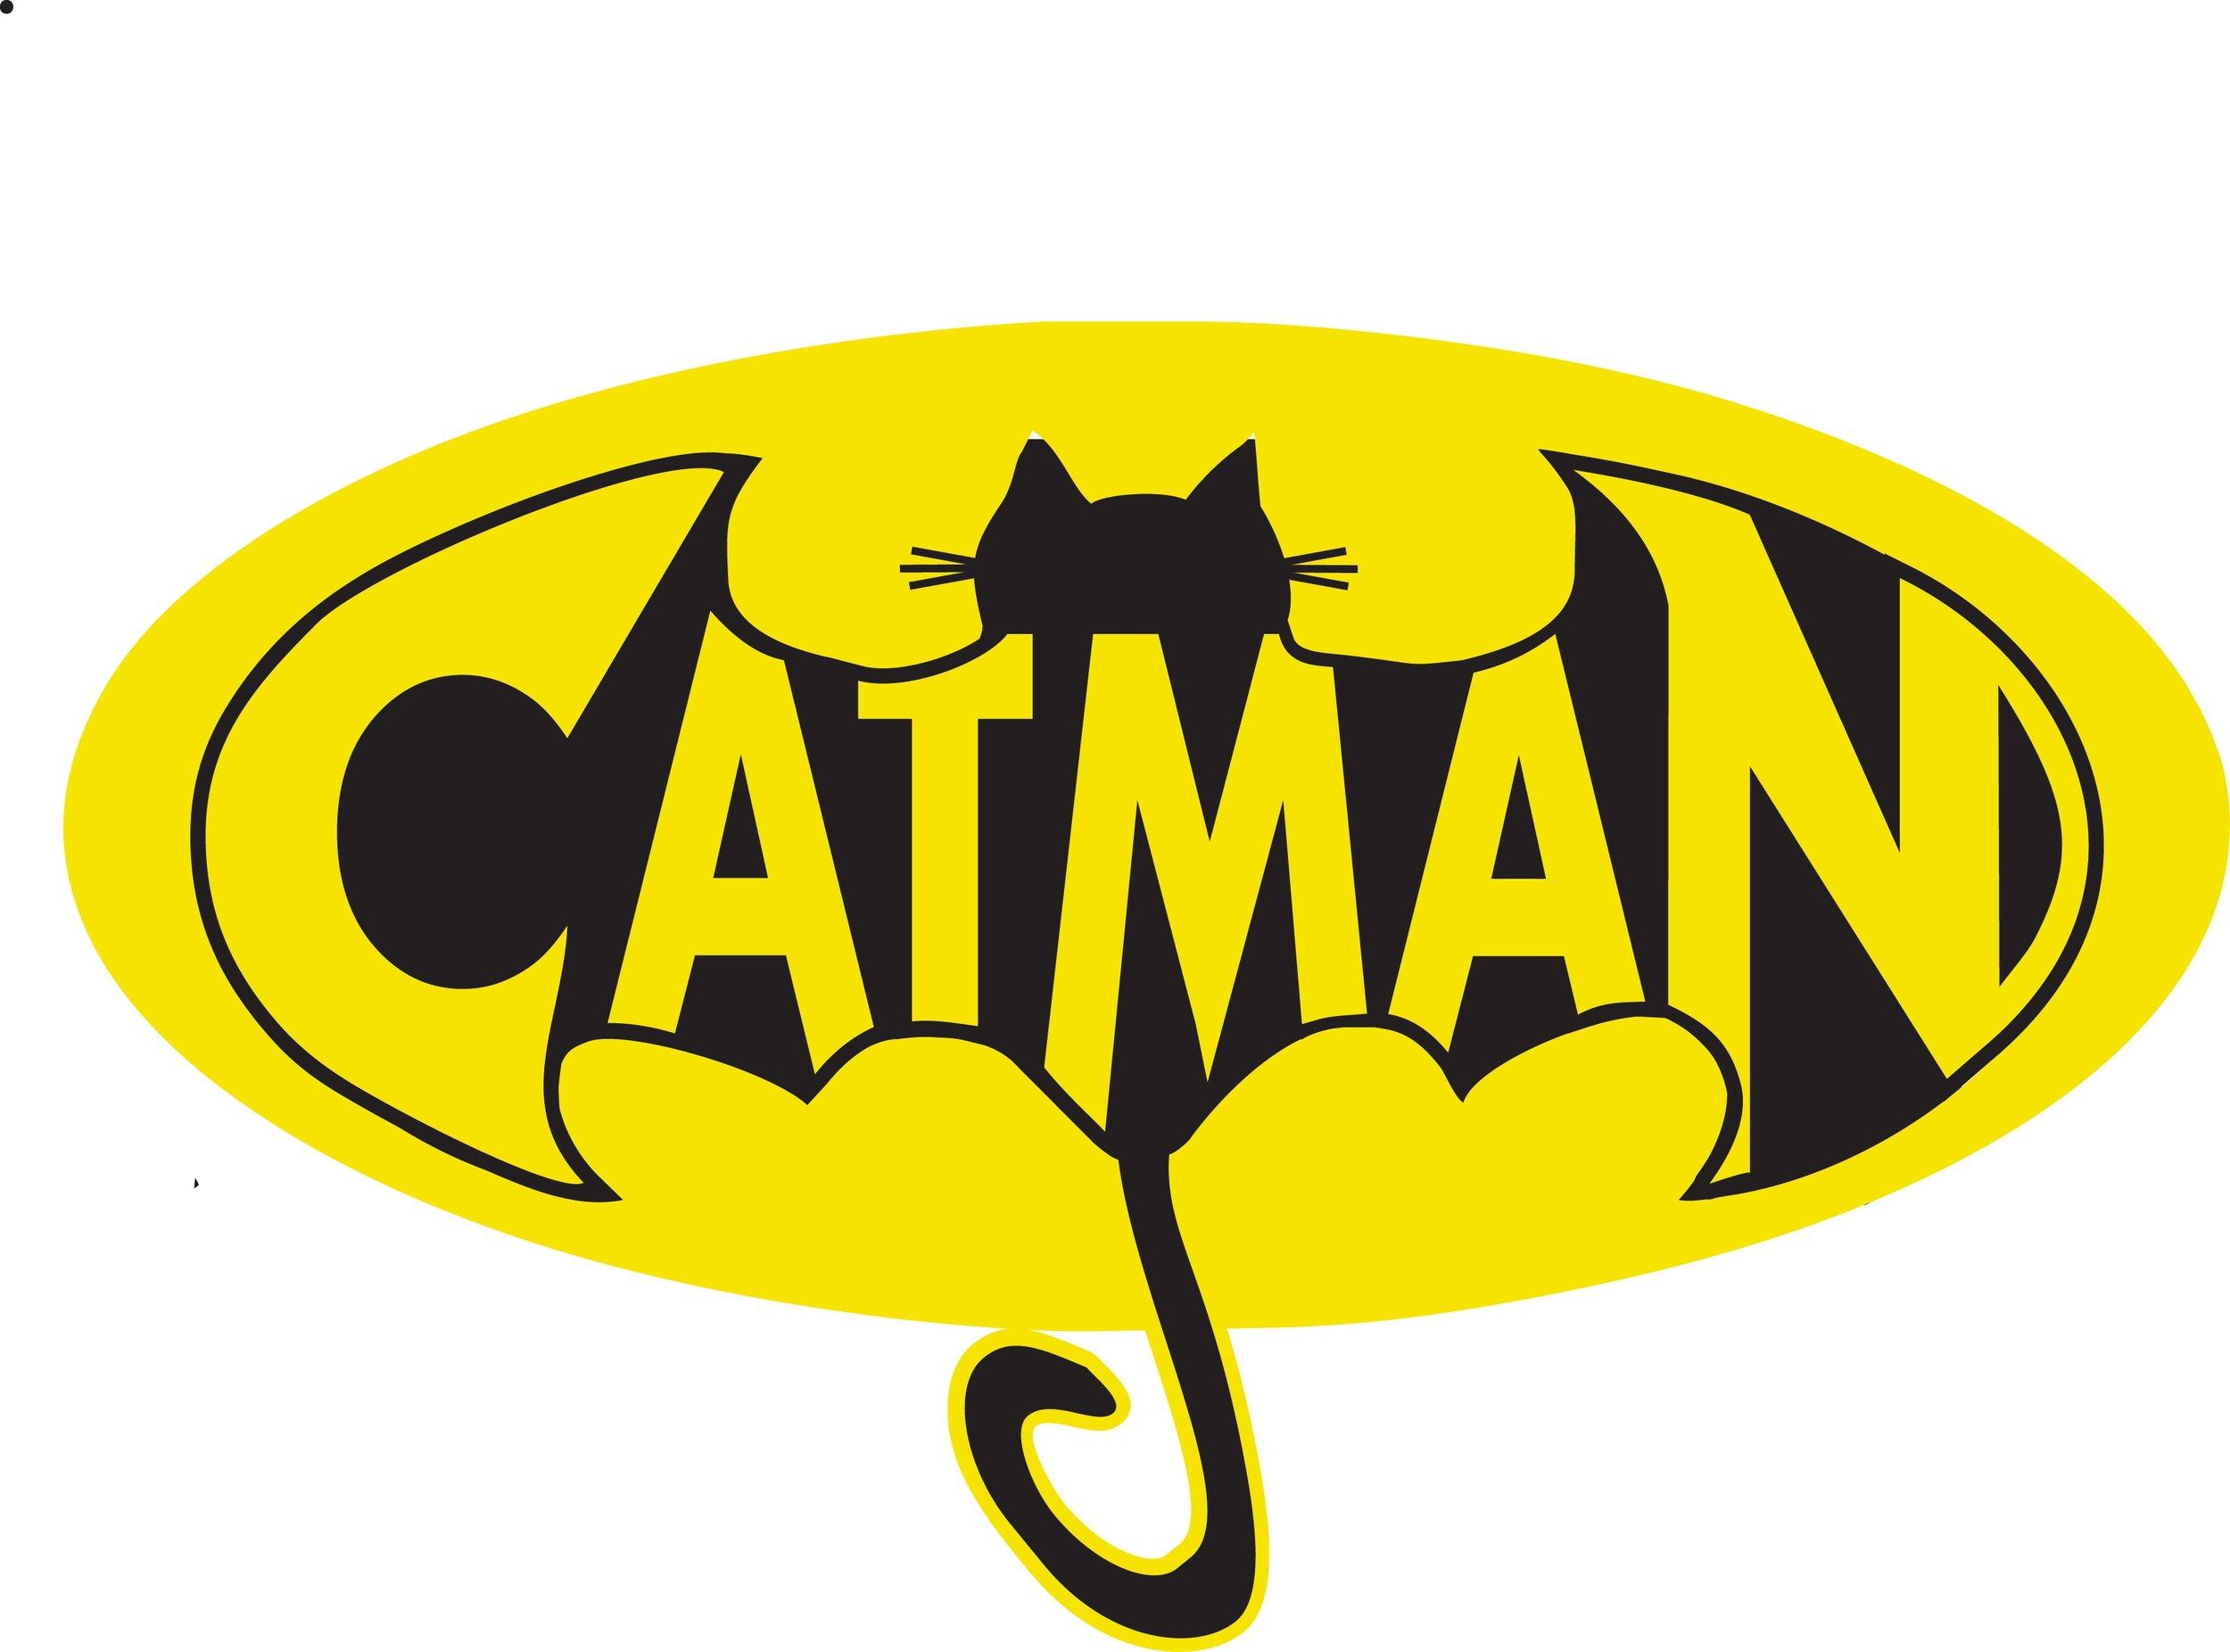 hood cats_ catman.jpg